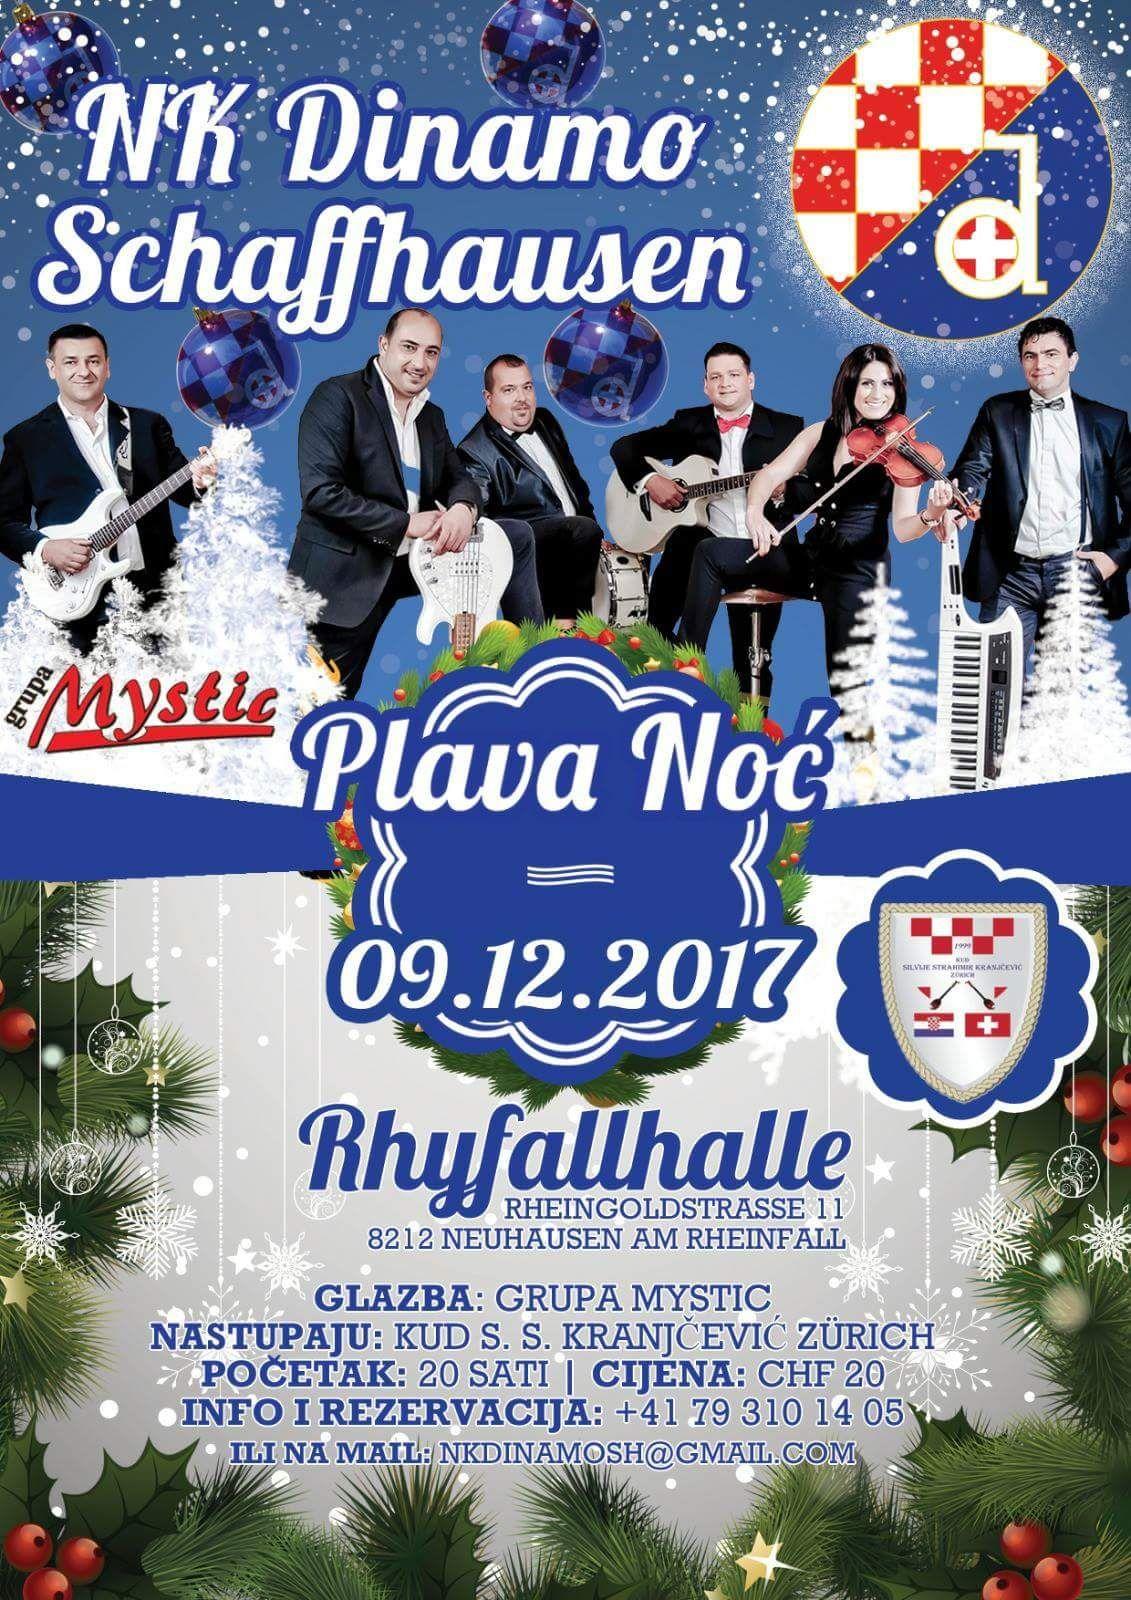 Plava Noć @ Rhyfallhalle | Neuhausen am Rheinfall | Schaffhausen | Switzerland